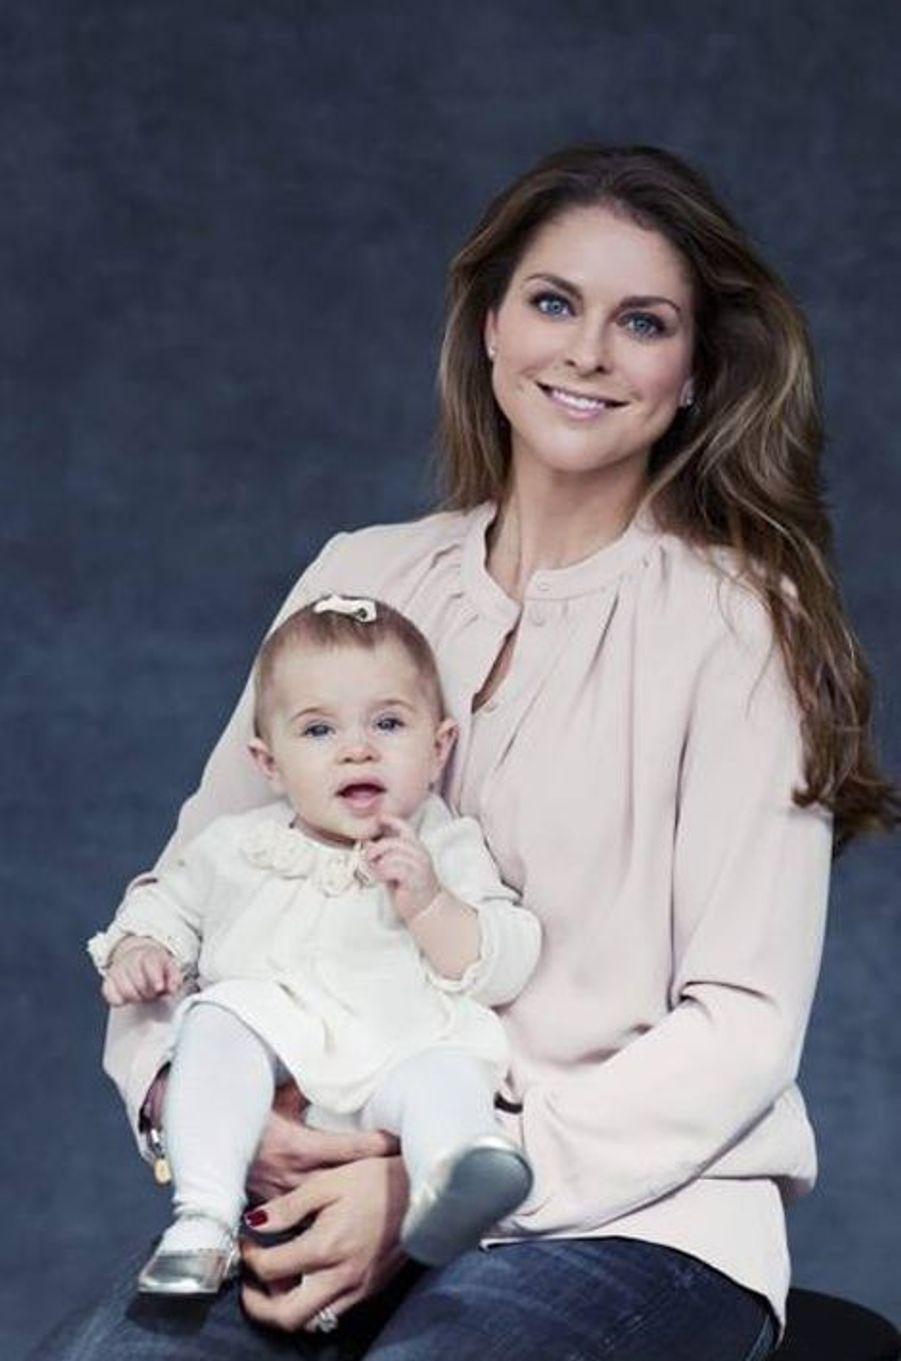 Les princesses Madeleine et Leonore de Suède, photo postée par la princesse Madeleine sur sa page Facebook le 27 novembre 2014